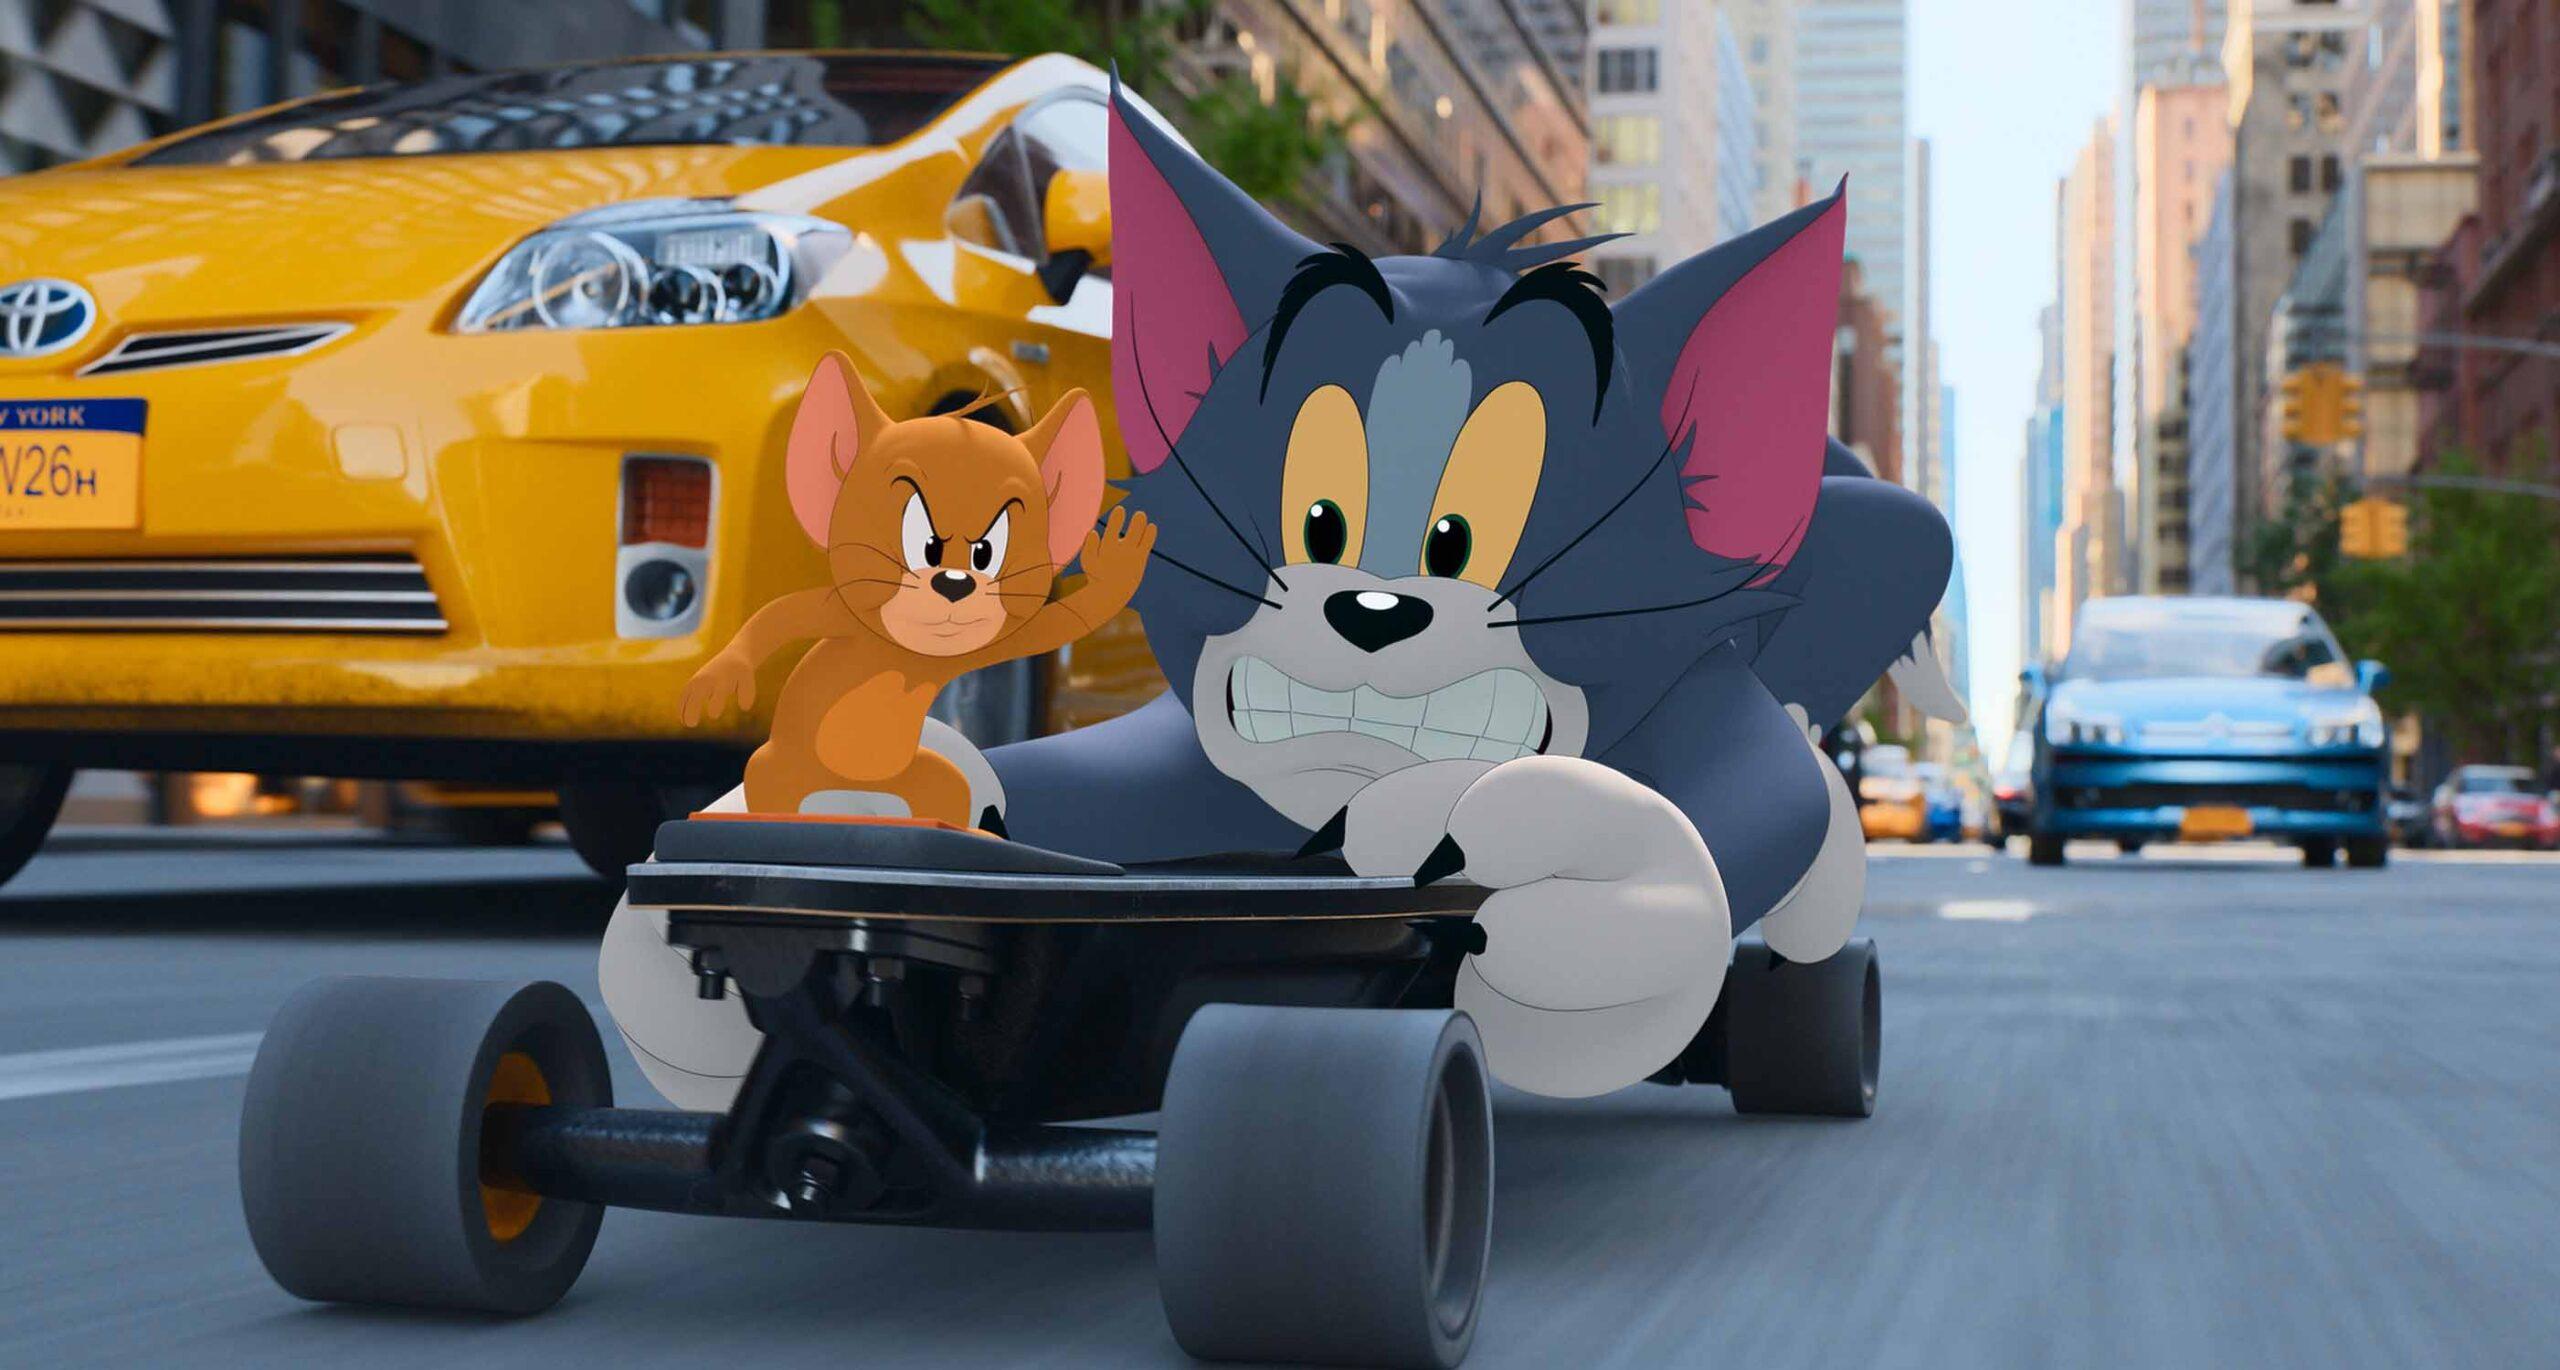 Tom y Jerry. Crítica del live action de los personajes de Hanna-Barbera